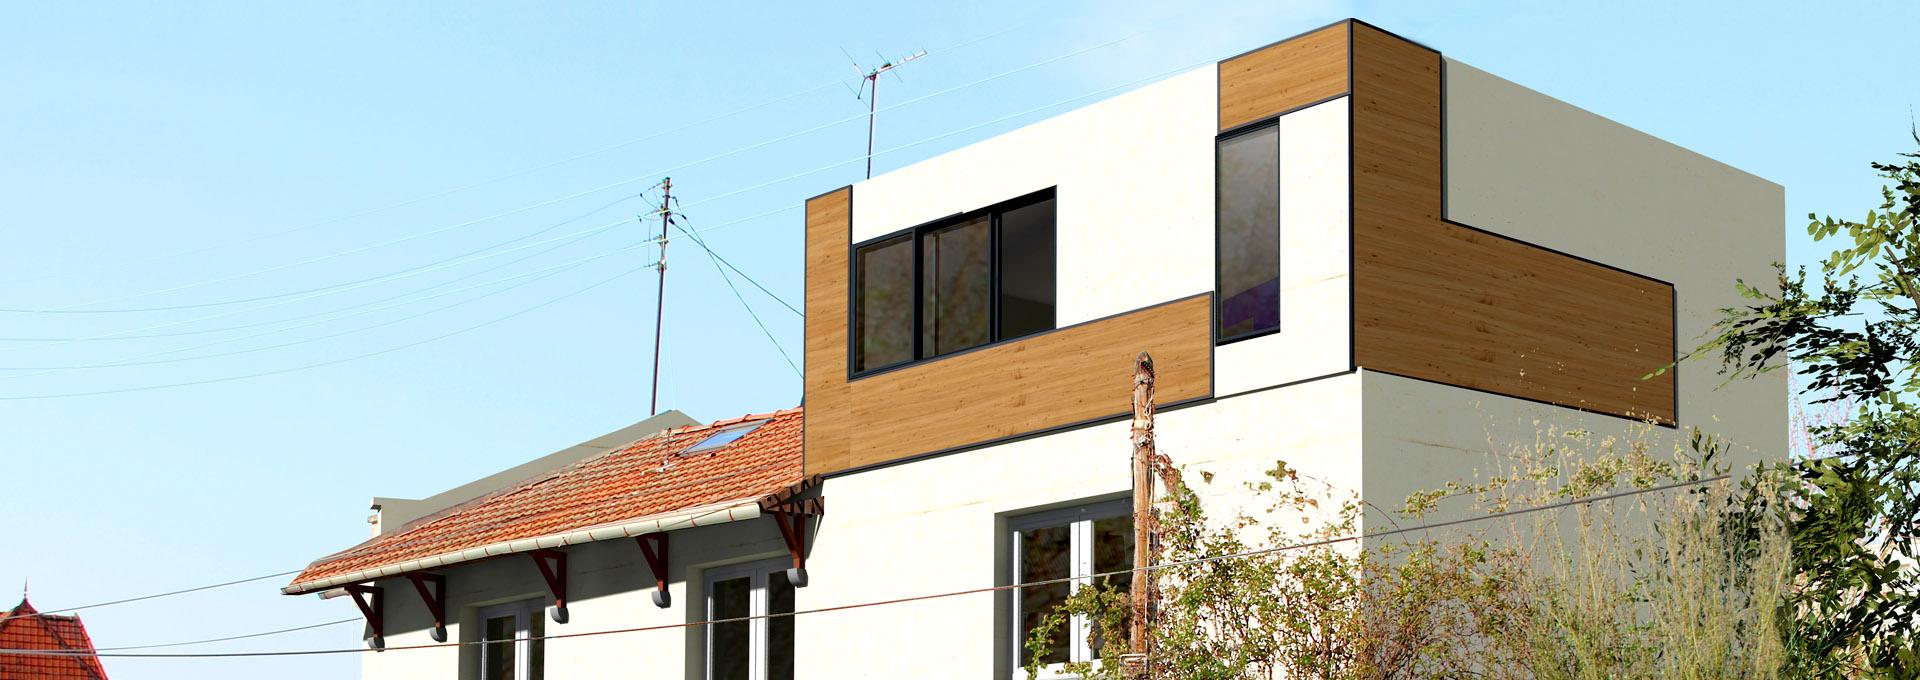 rehausser une maison excellent rehausser votre toiture ou amnager les combles that is the. Black Bedroom Furniture Sets. Home Design Ideas